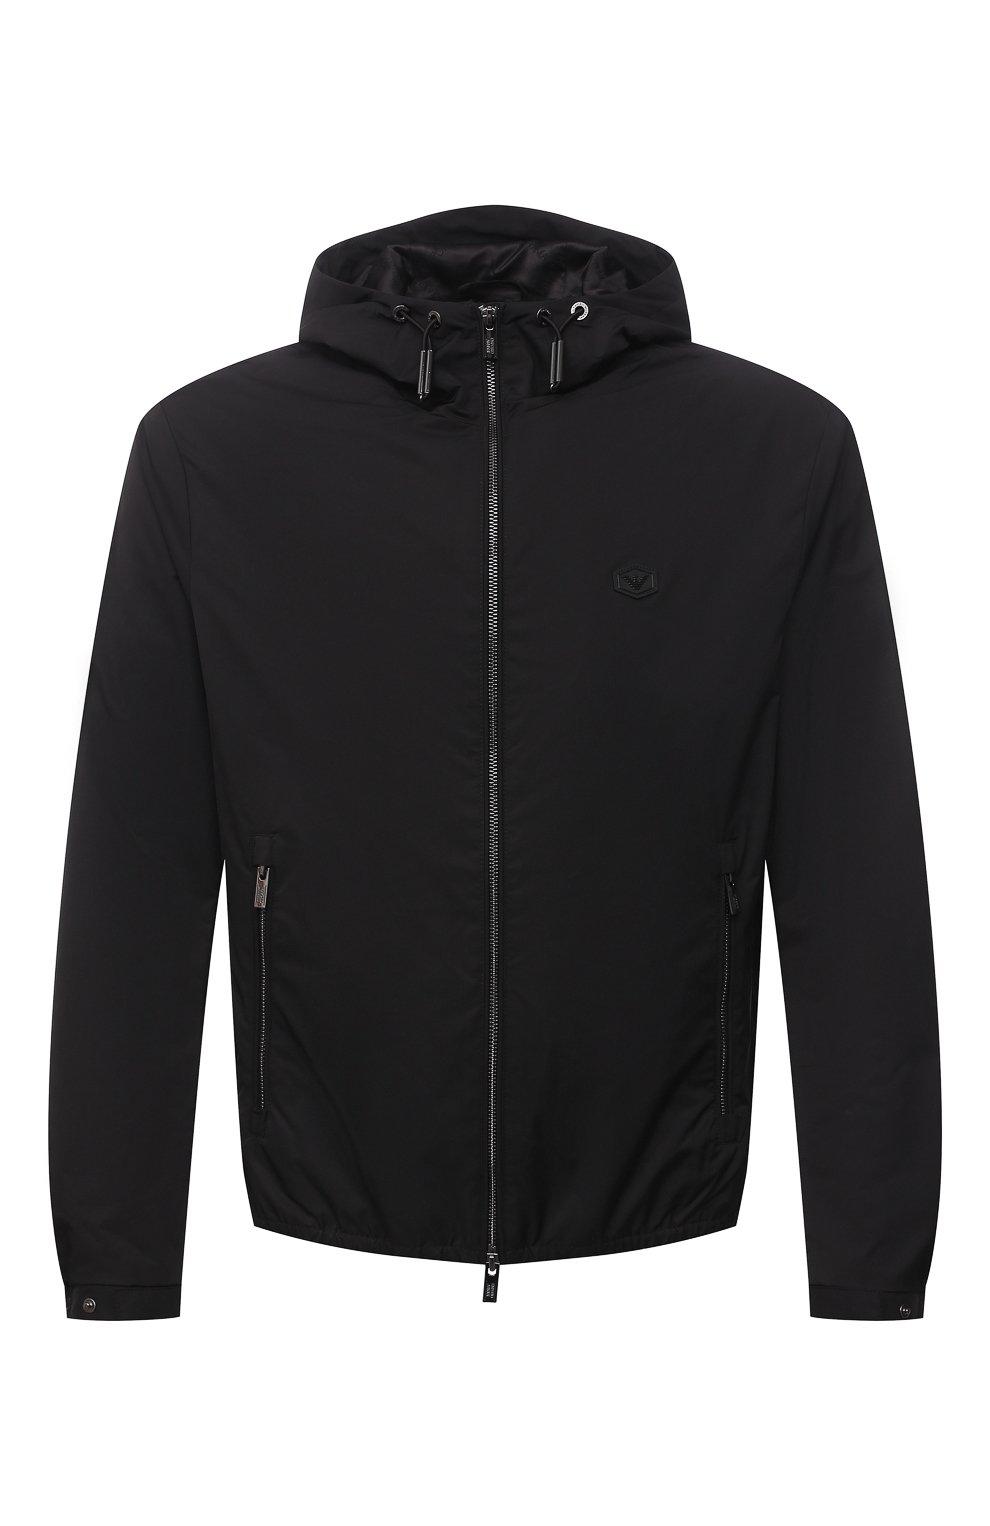 Мужская куртка EMPORIO ARMANI черного цвета, арт. 8N1BQ0/1NZQZ | Фото 1 (Кросс-КТ: Куртка, Ветровка; Рукава: Длинные; Материал внешний: Синтетический материал; Стили: Спорт-шик; Материал подклада: Синтетический материал; Длина (верхняя одежда): Короткие)